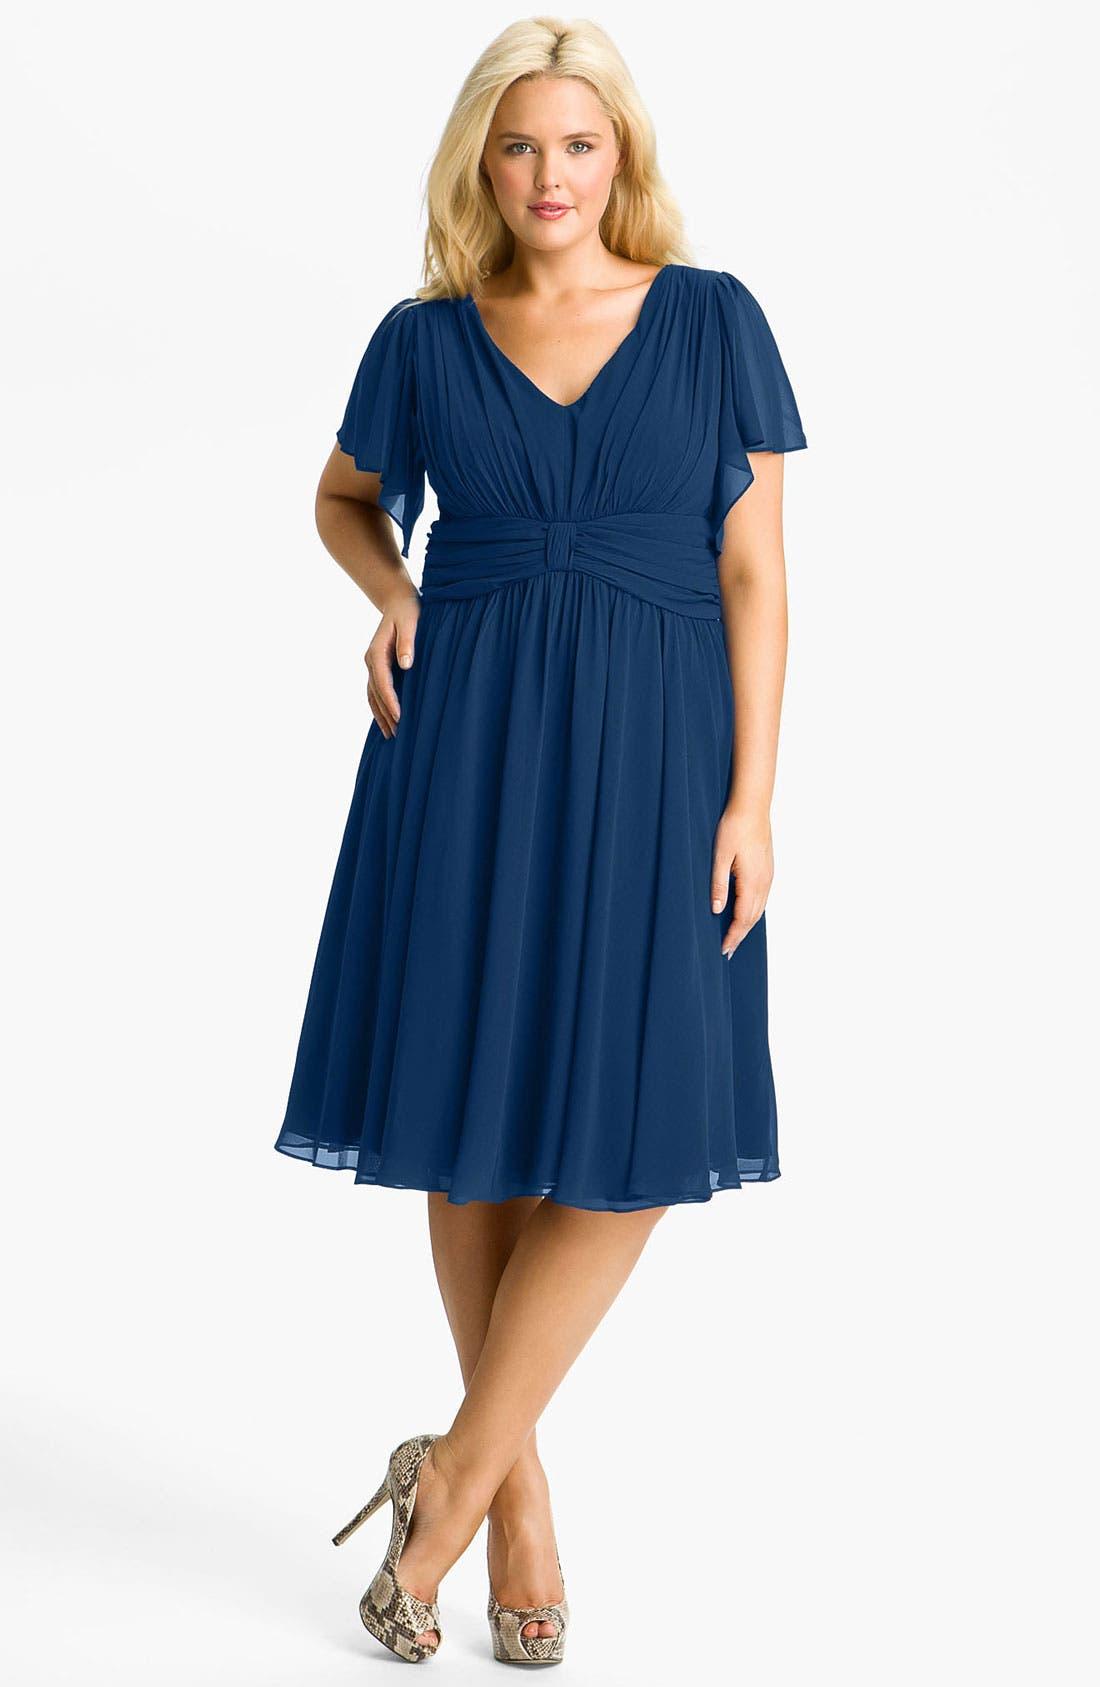 Alternate Image 1 Selected - Ivy & Blu Flutter Sleeve Dress (Plus)